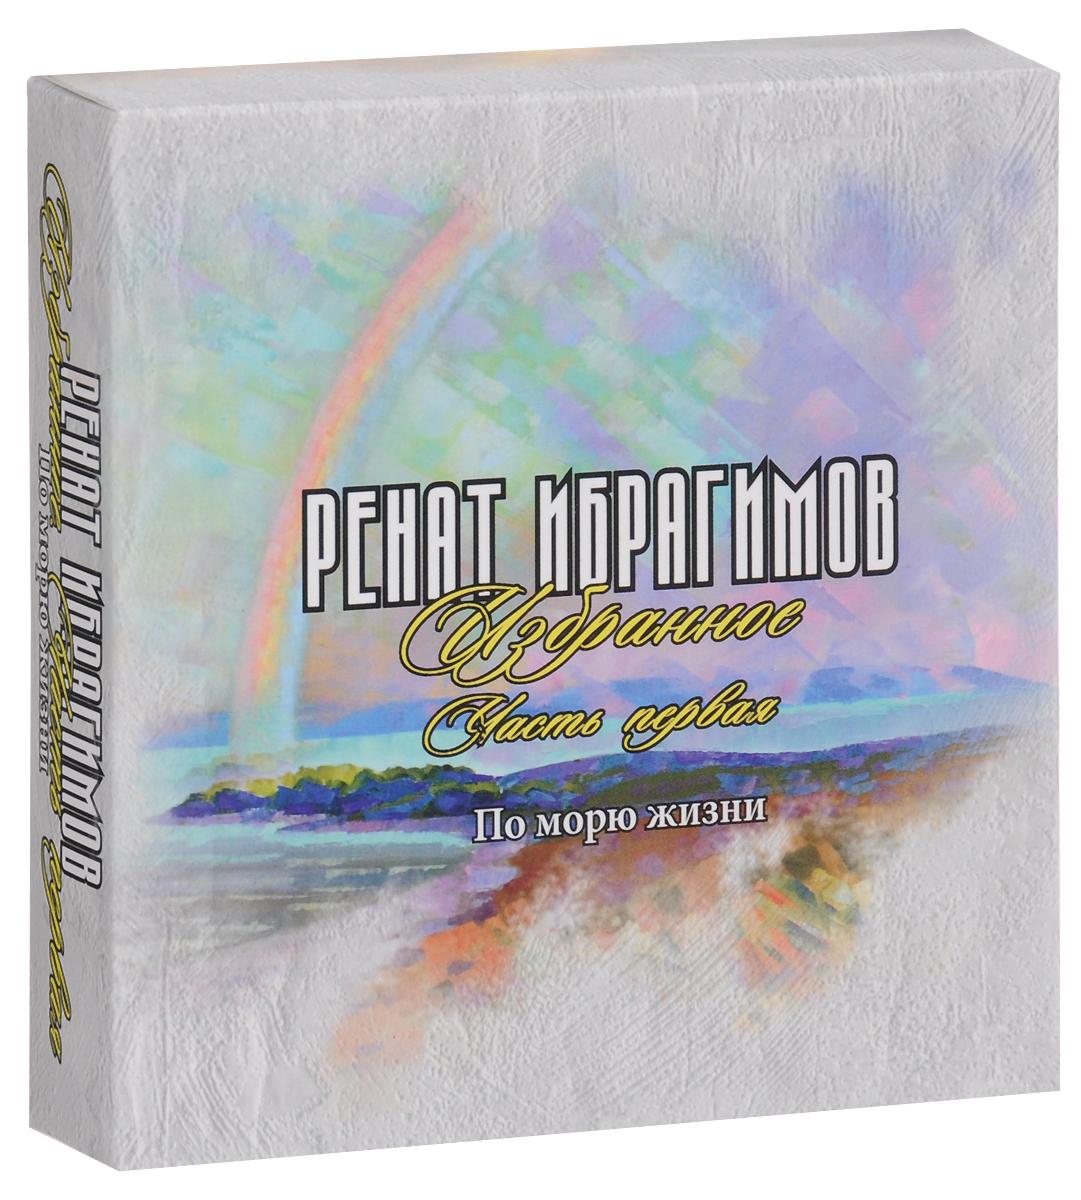 Ренат Ибрагимов. Избранное. Часть 1. По морю жизни (5 CD + 5 DVD)